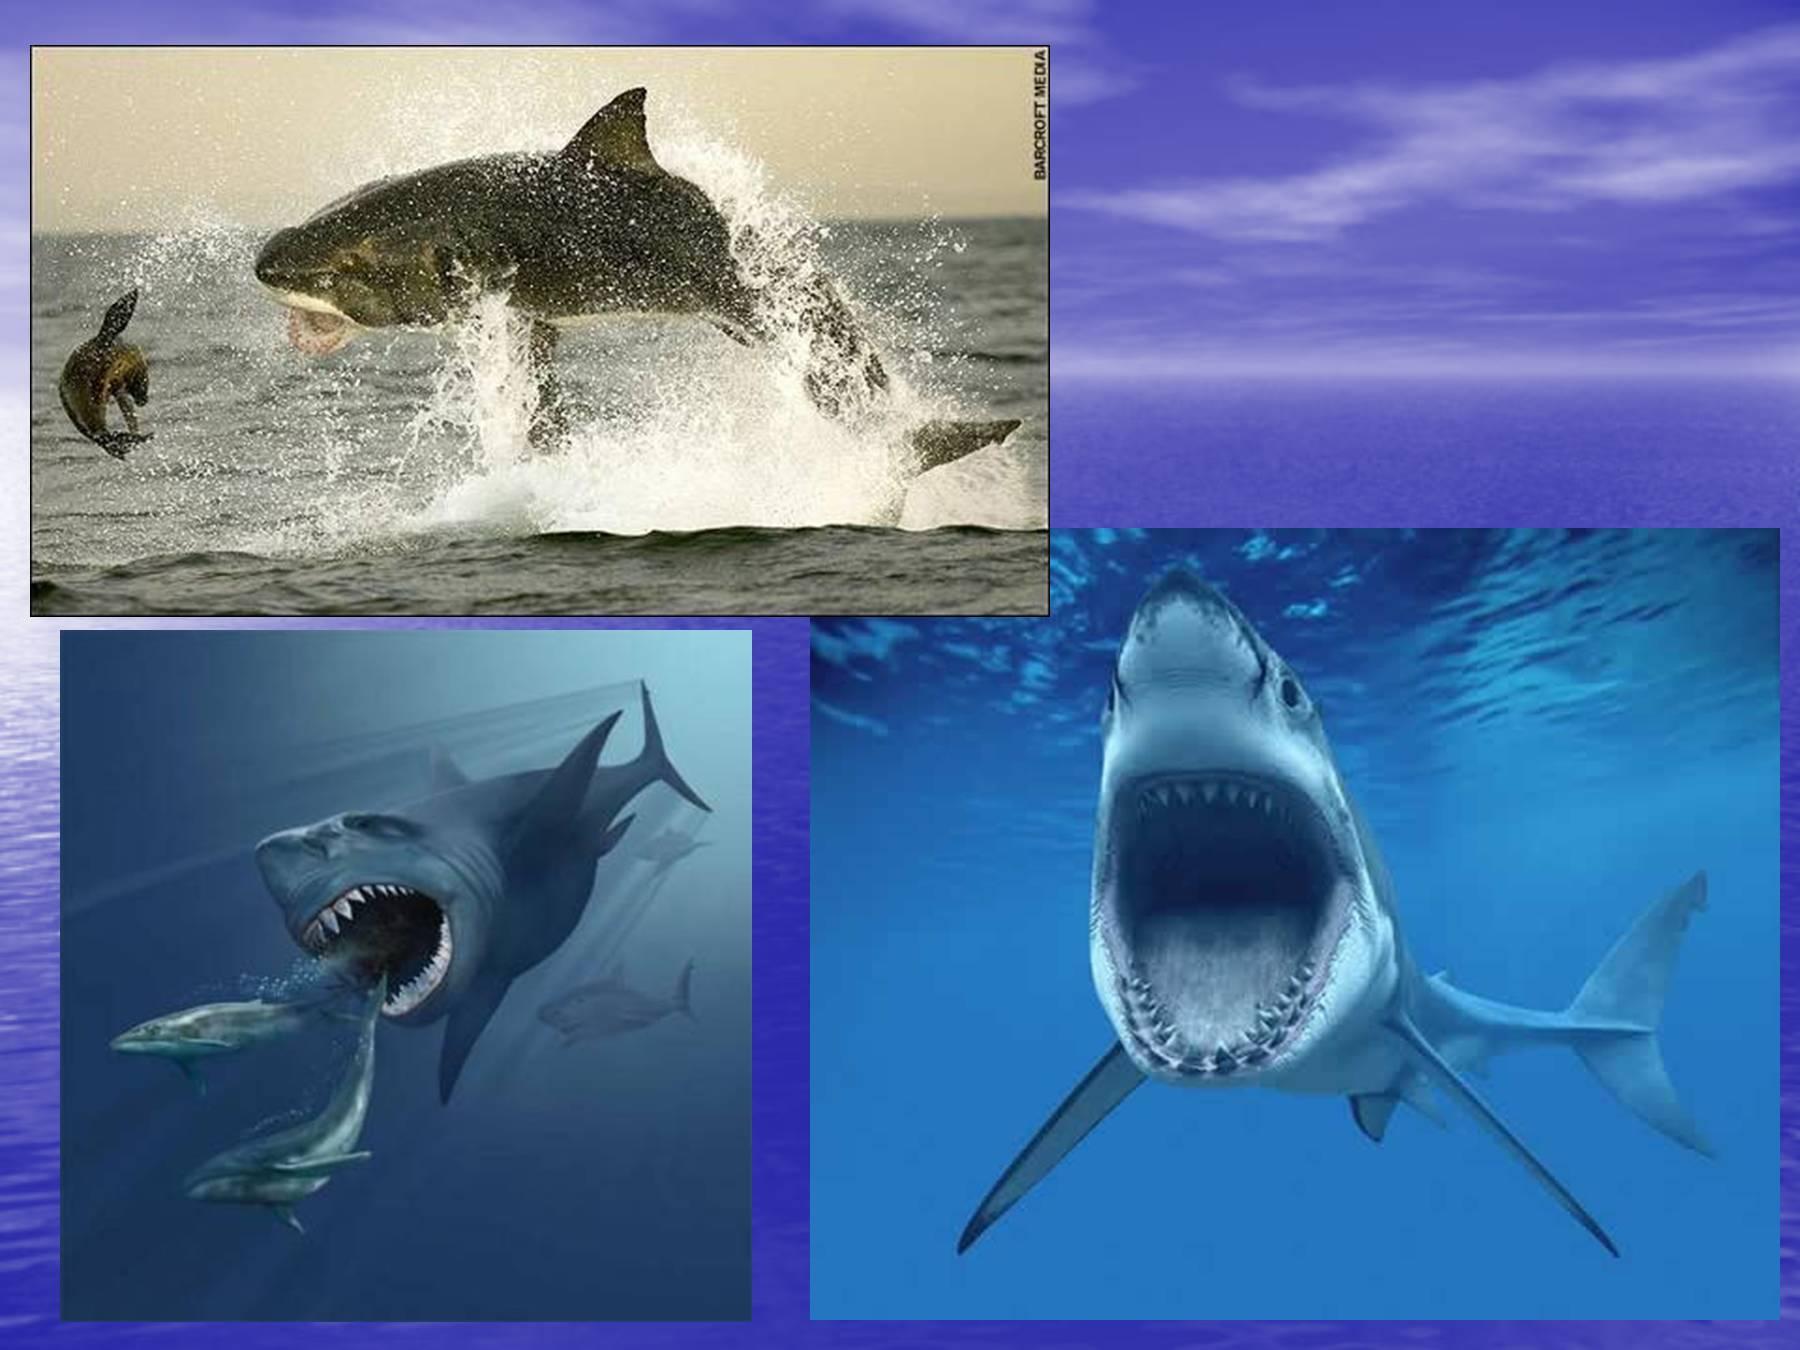 дин презентация картинок про акул может